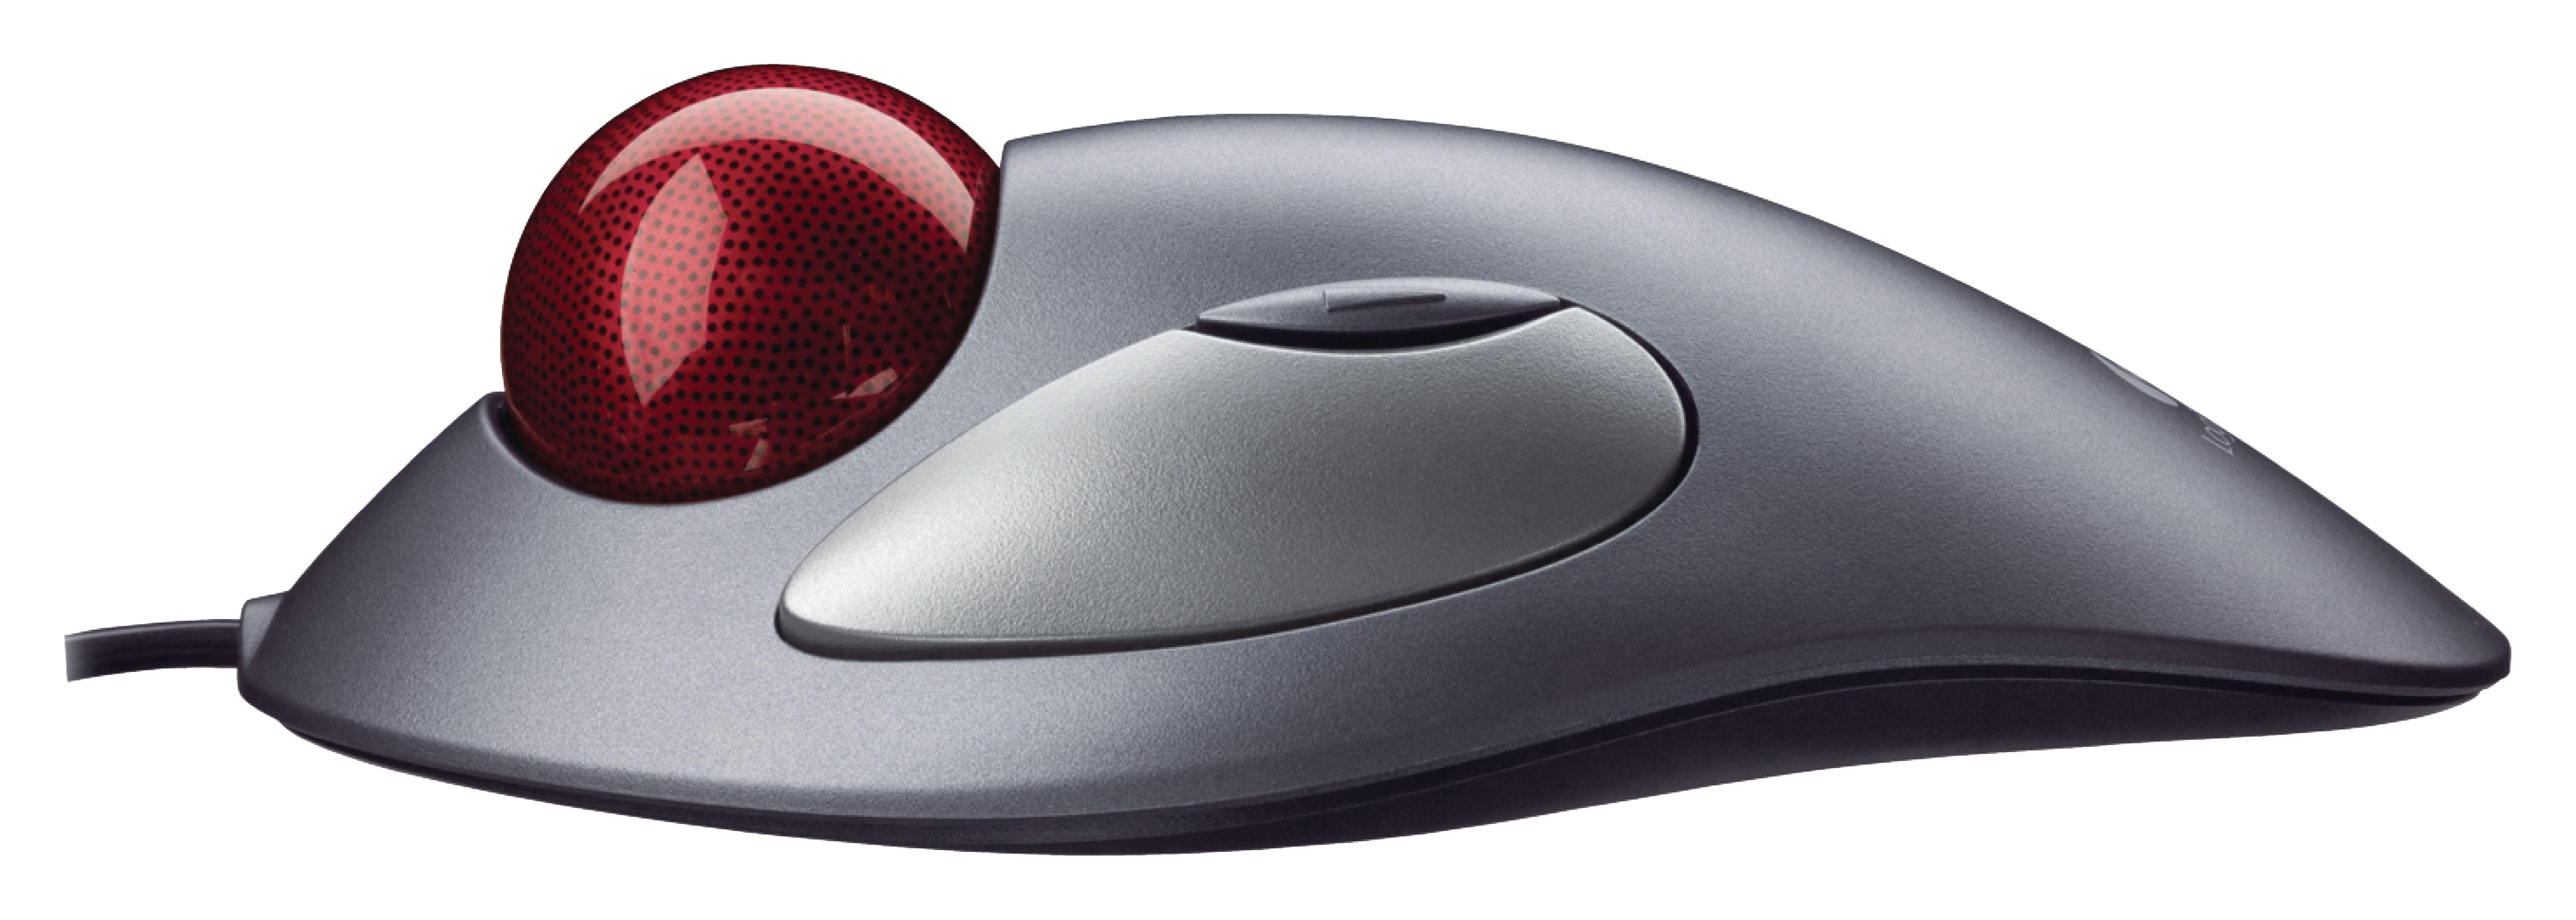 Maus mit Kabel Desktop 3 Tasten Schwarz